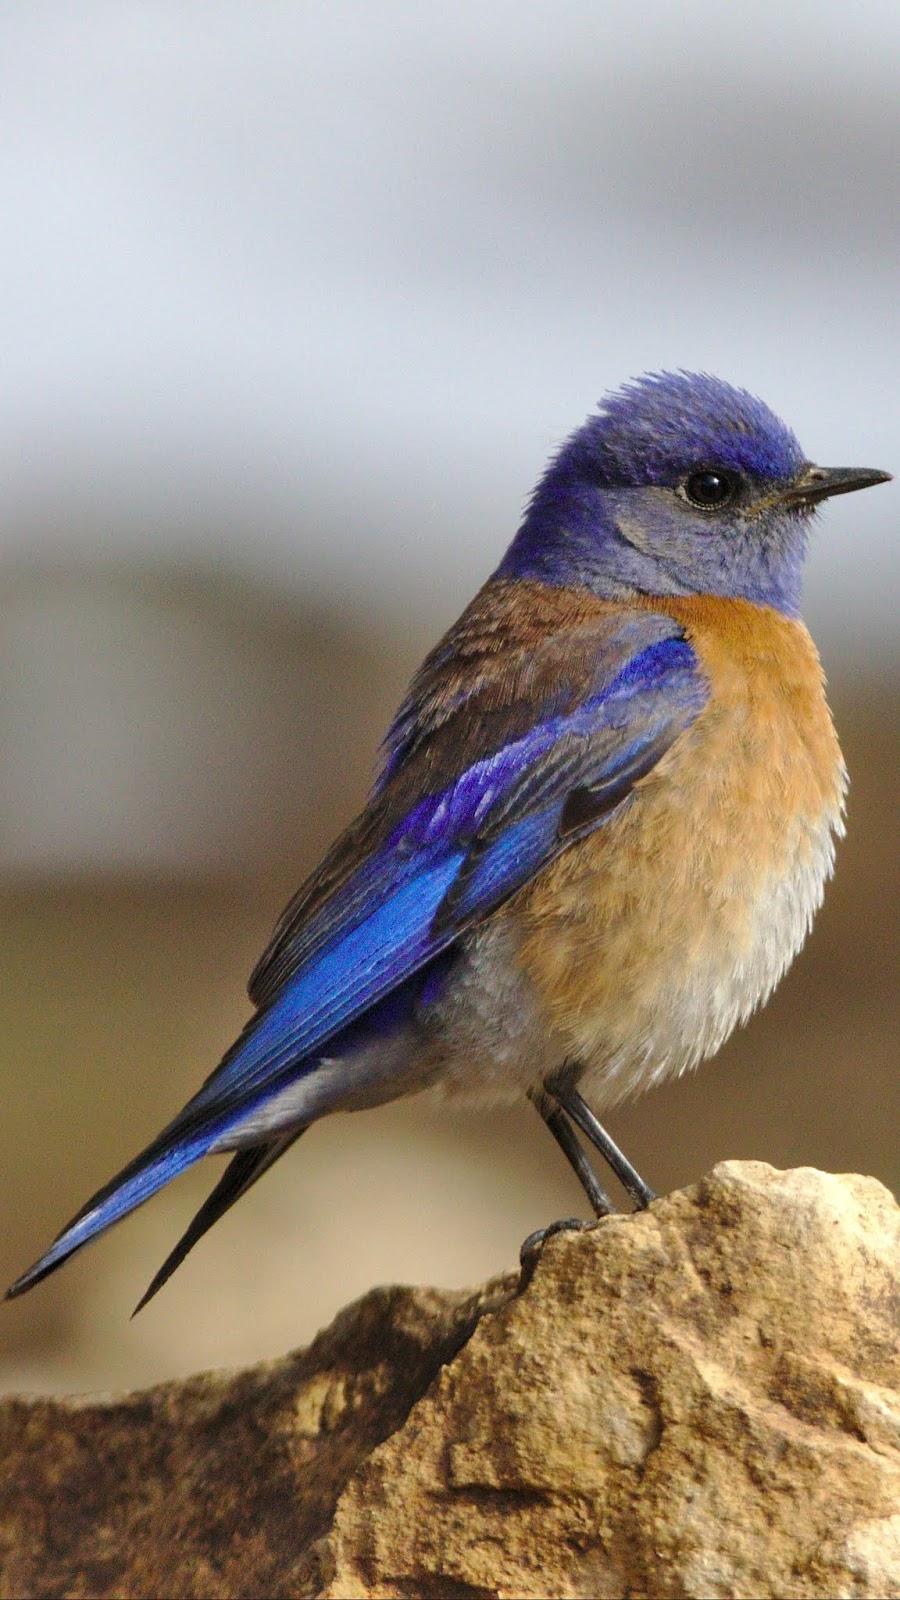 A cute western bluebird.